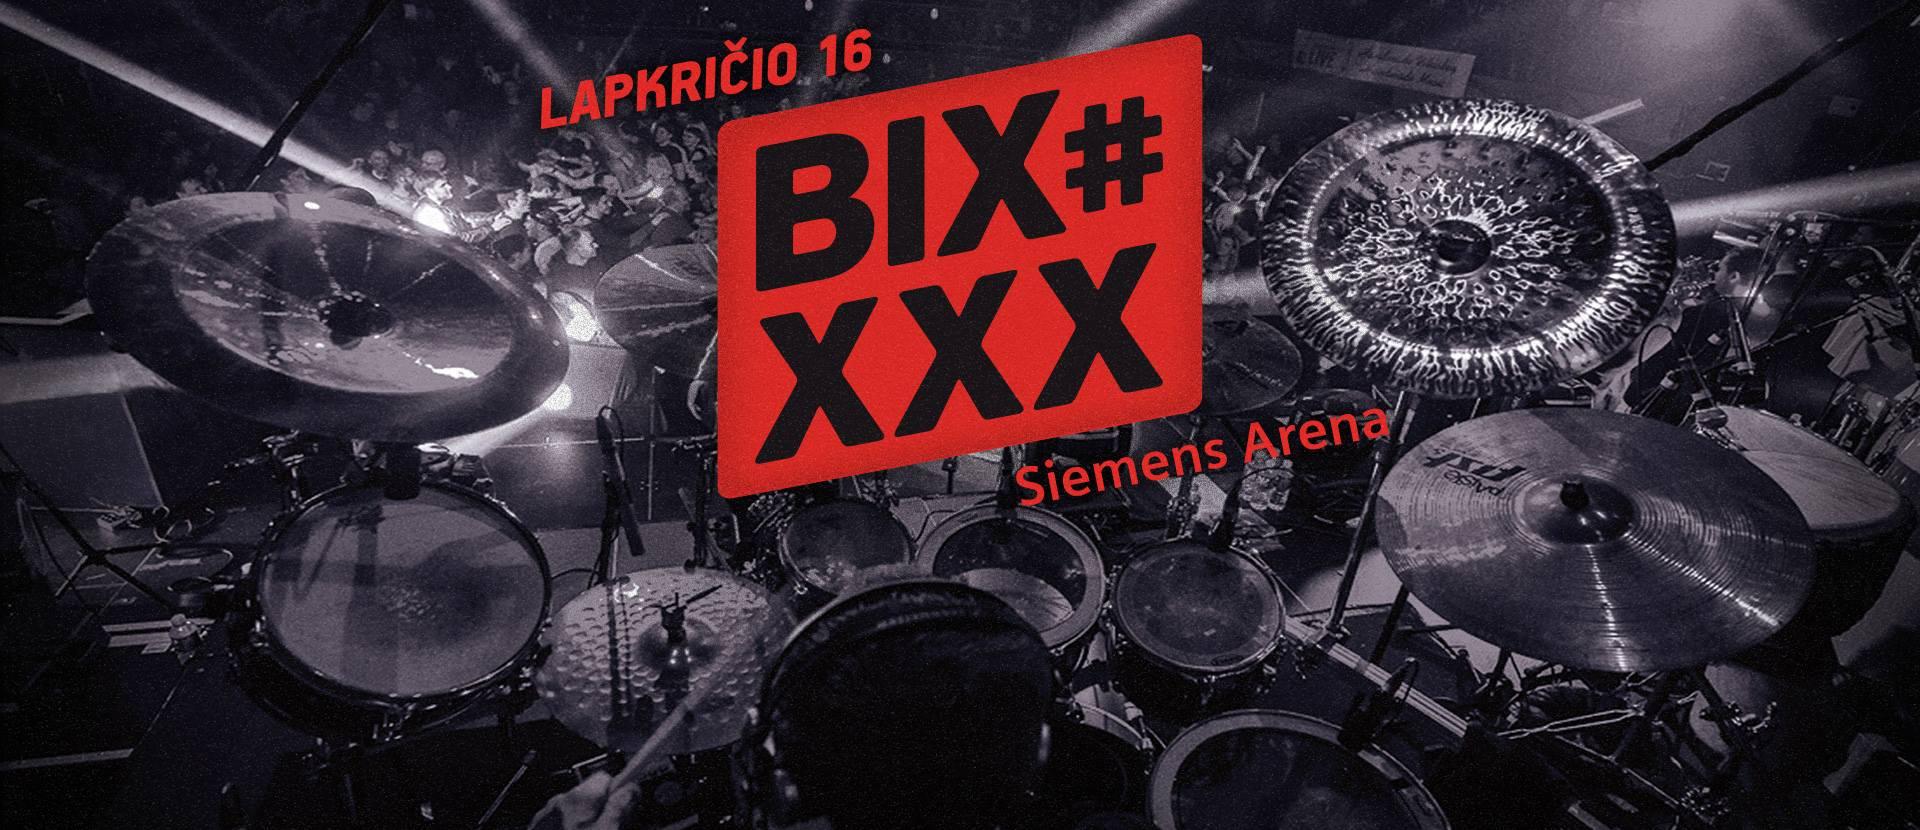 BIX #XXX